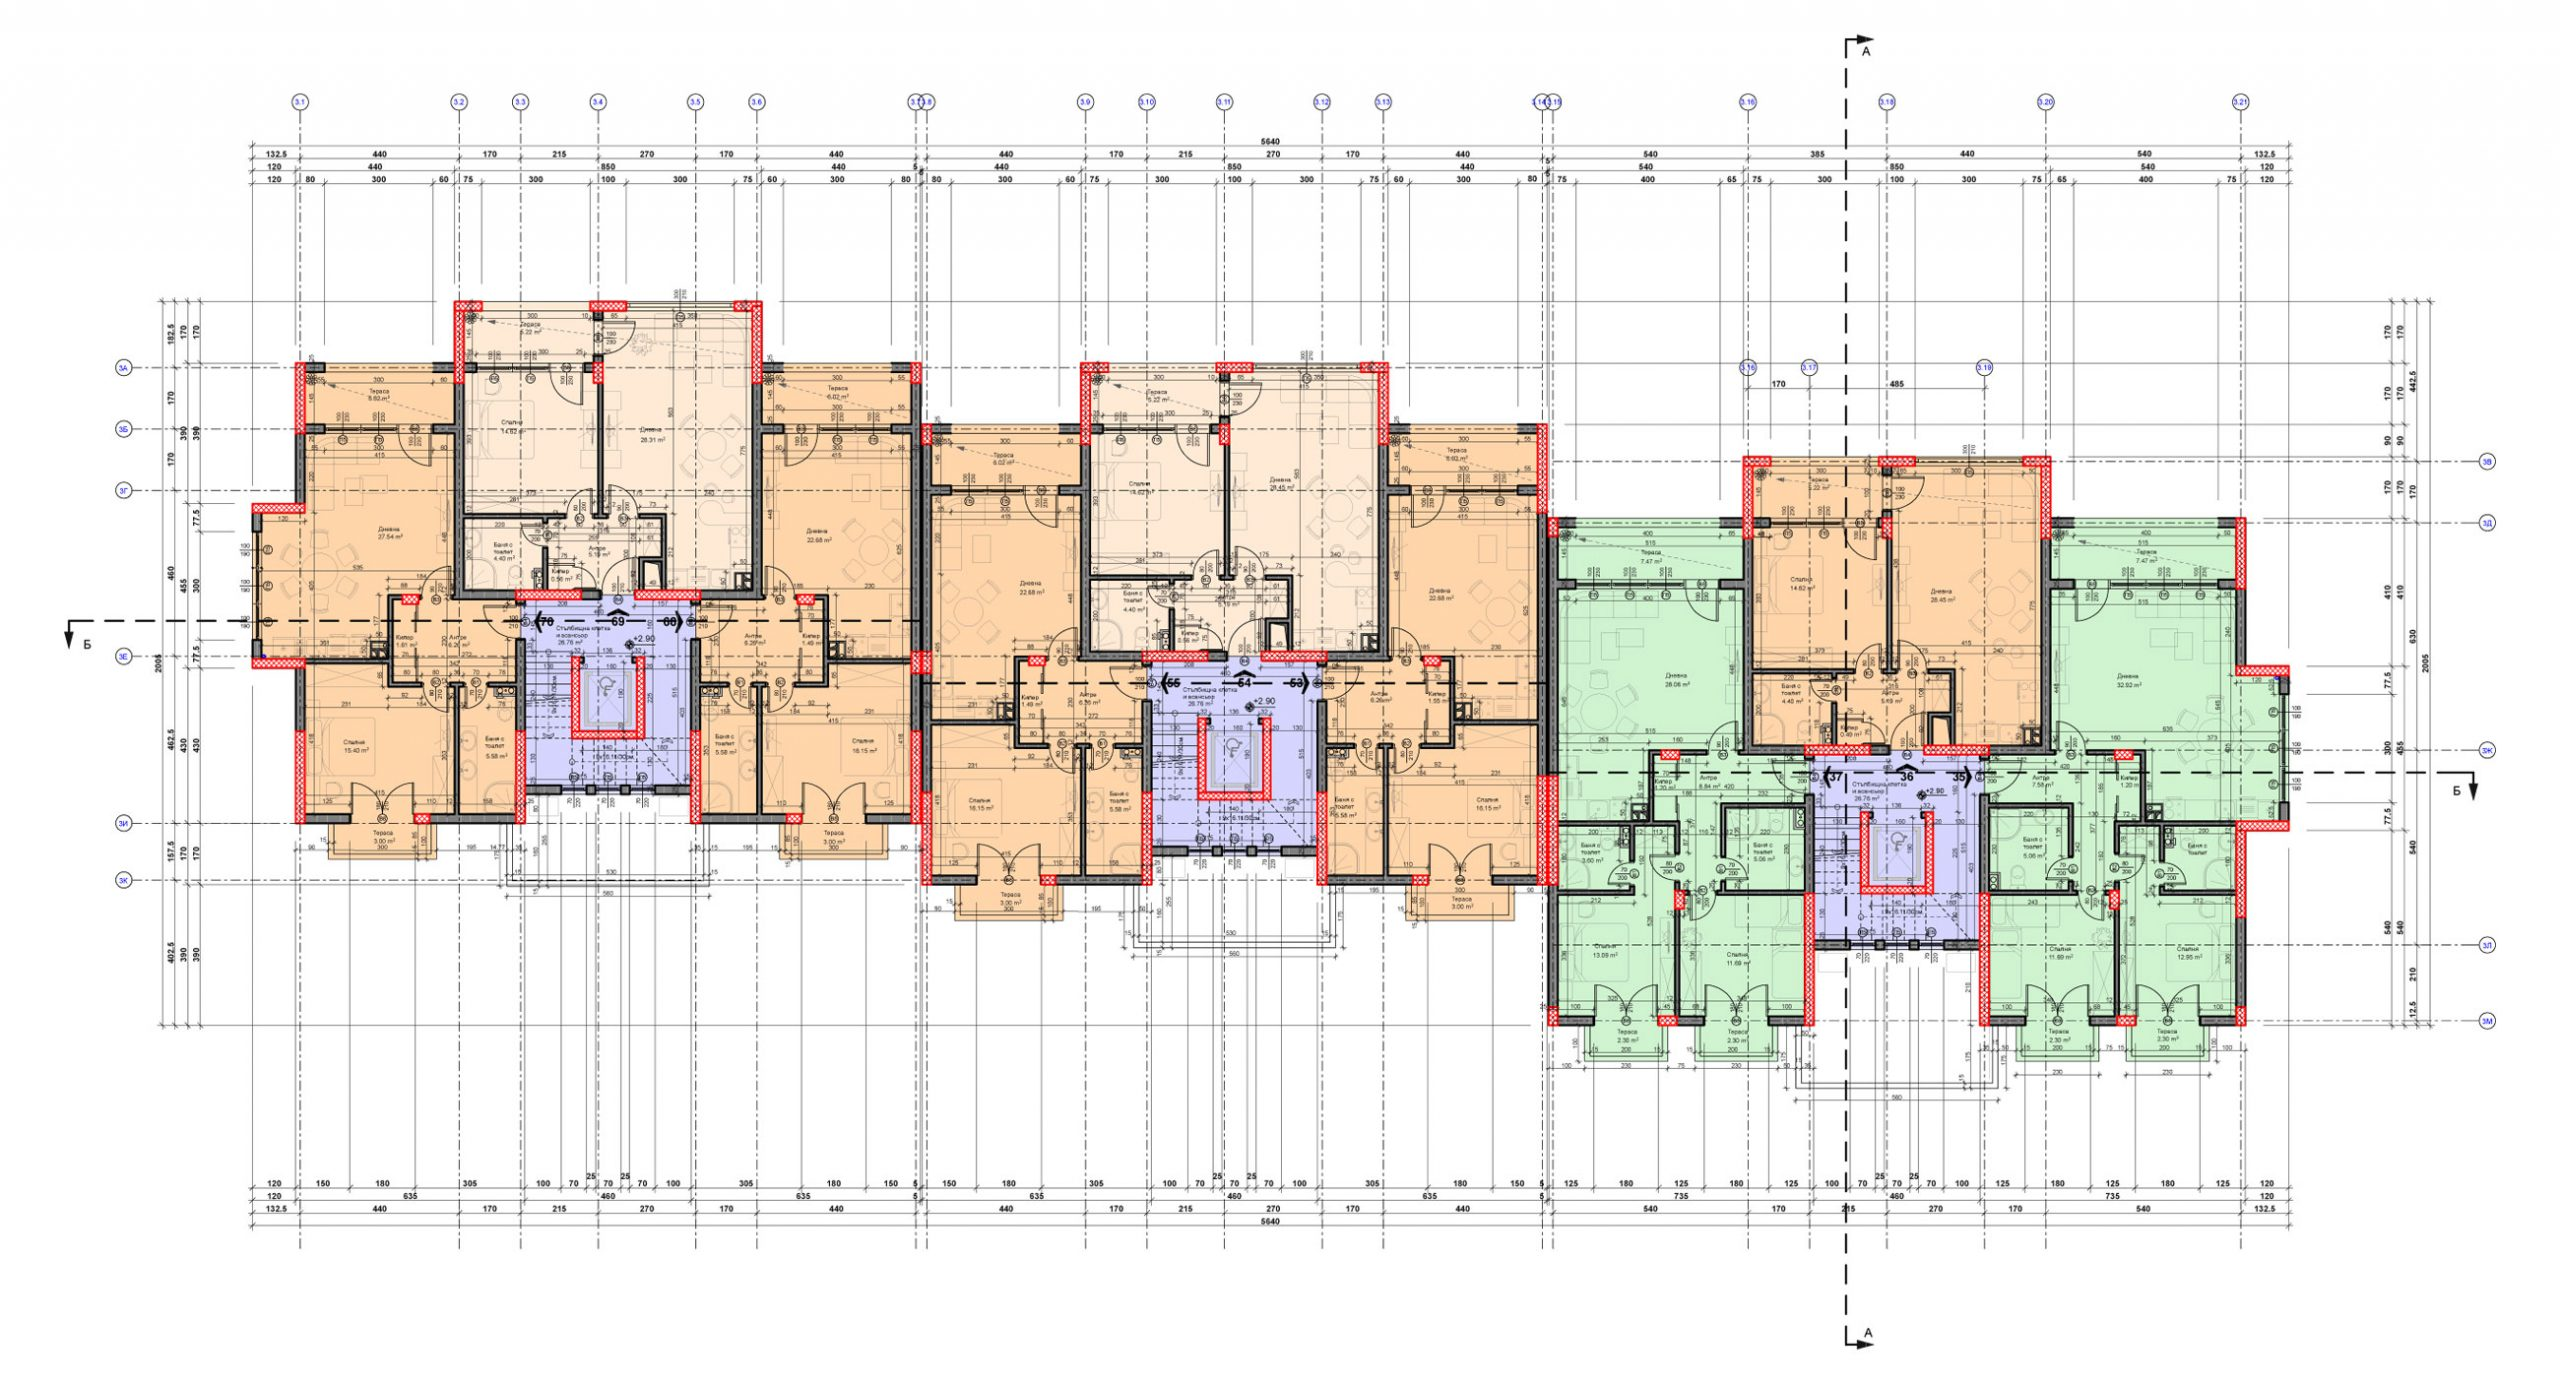 Carpe Vita, Building 3, Floor 2